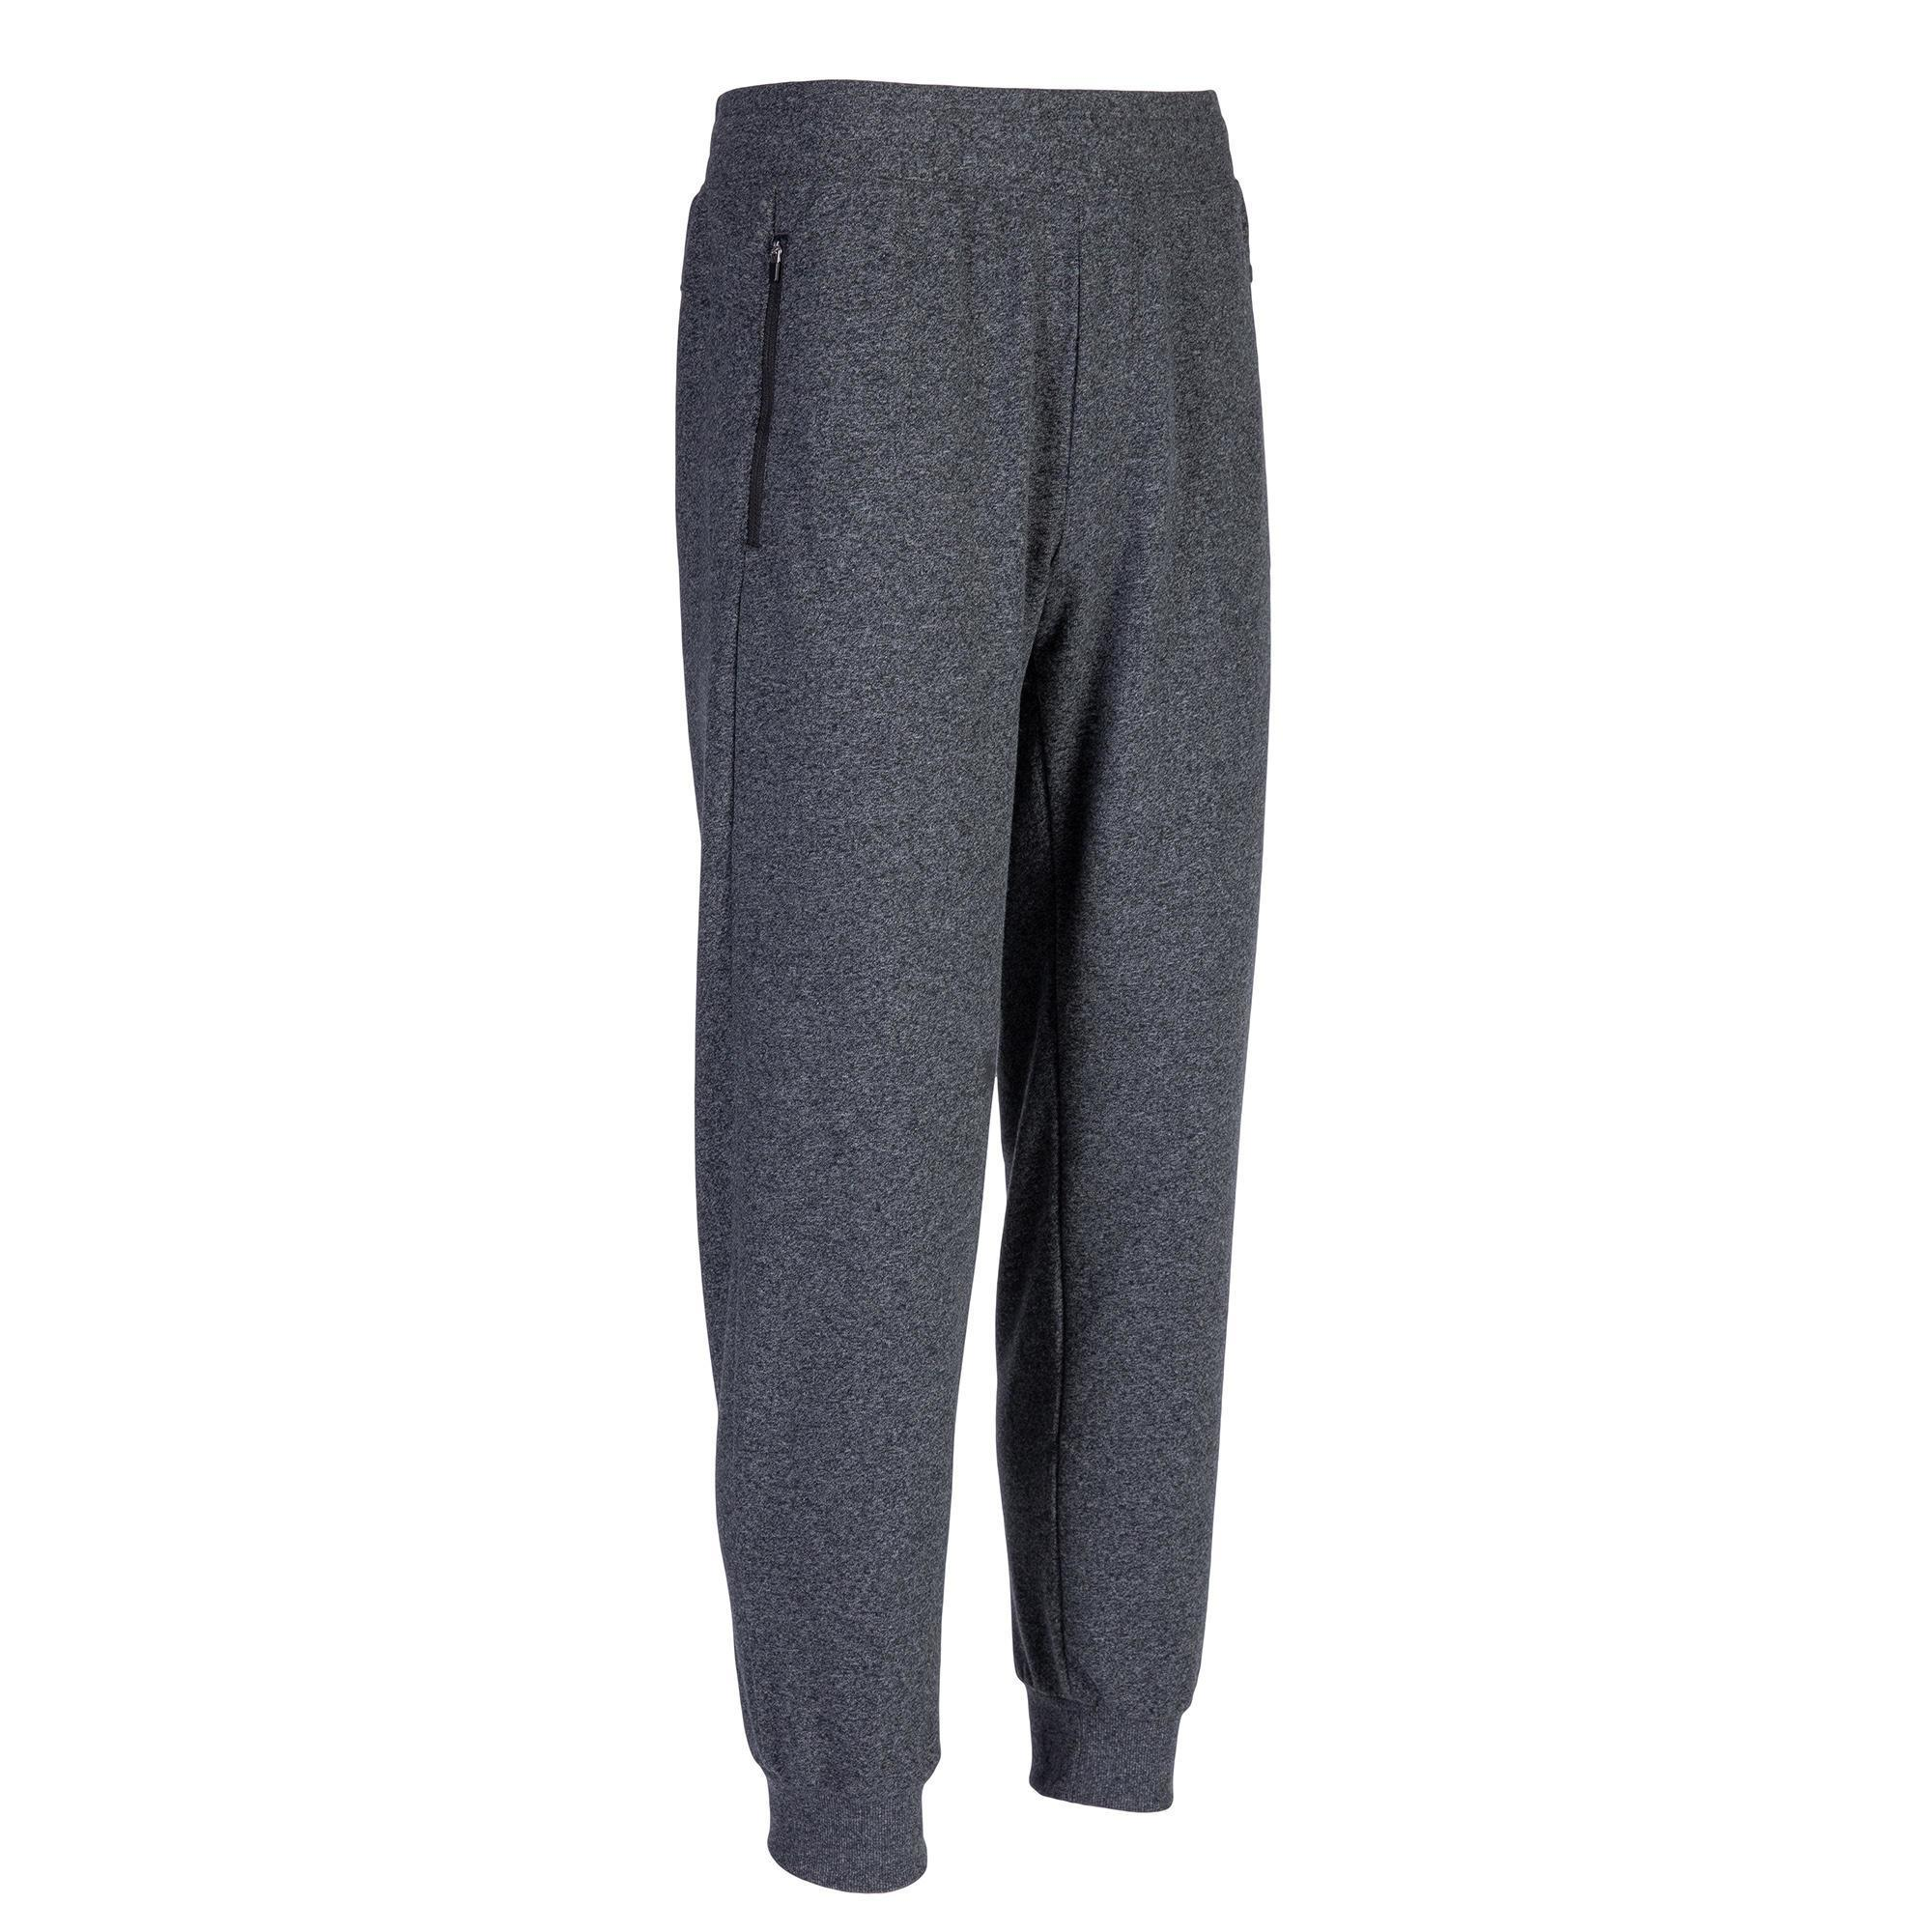 premium selection wholesale sales delicate colors Pantalon de jogging homme 500 noir